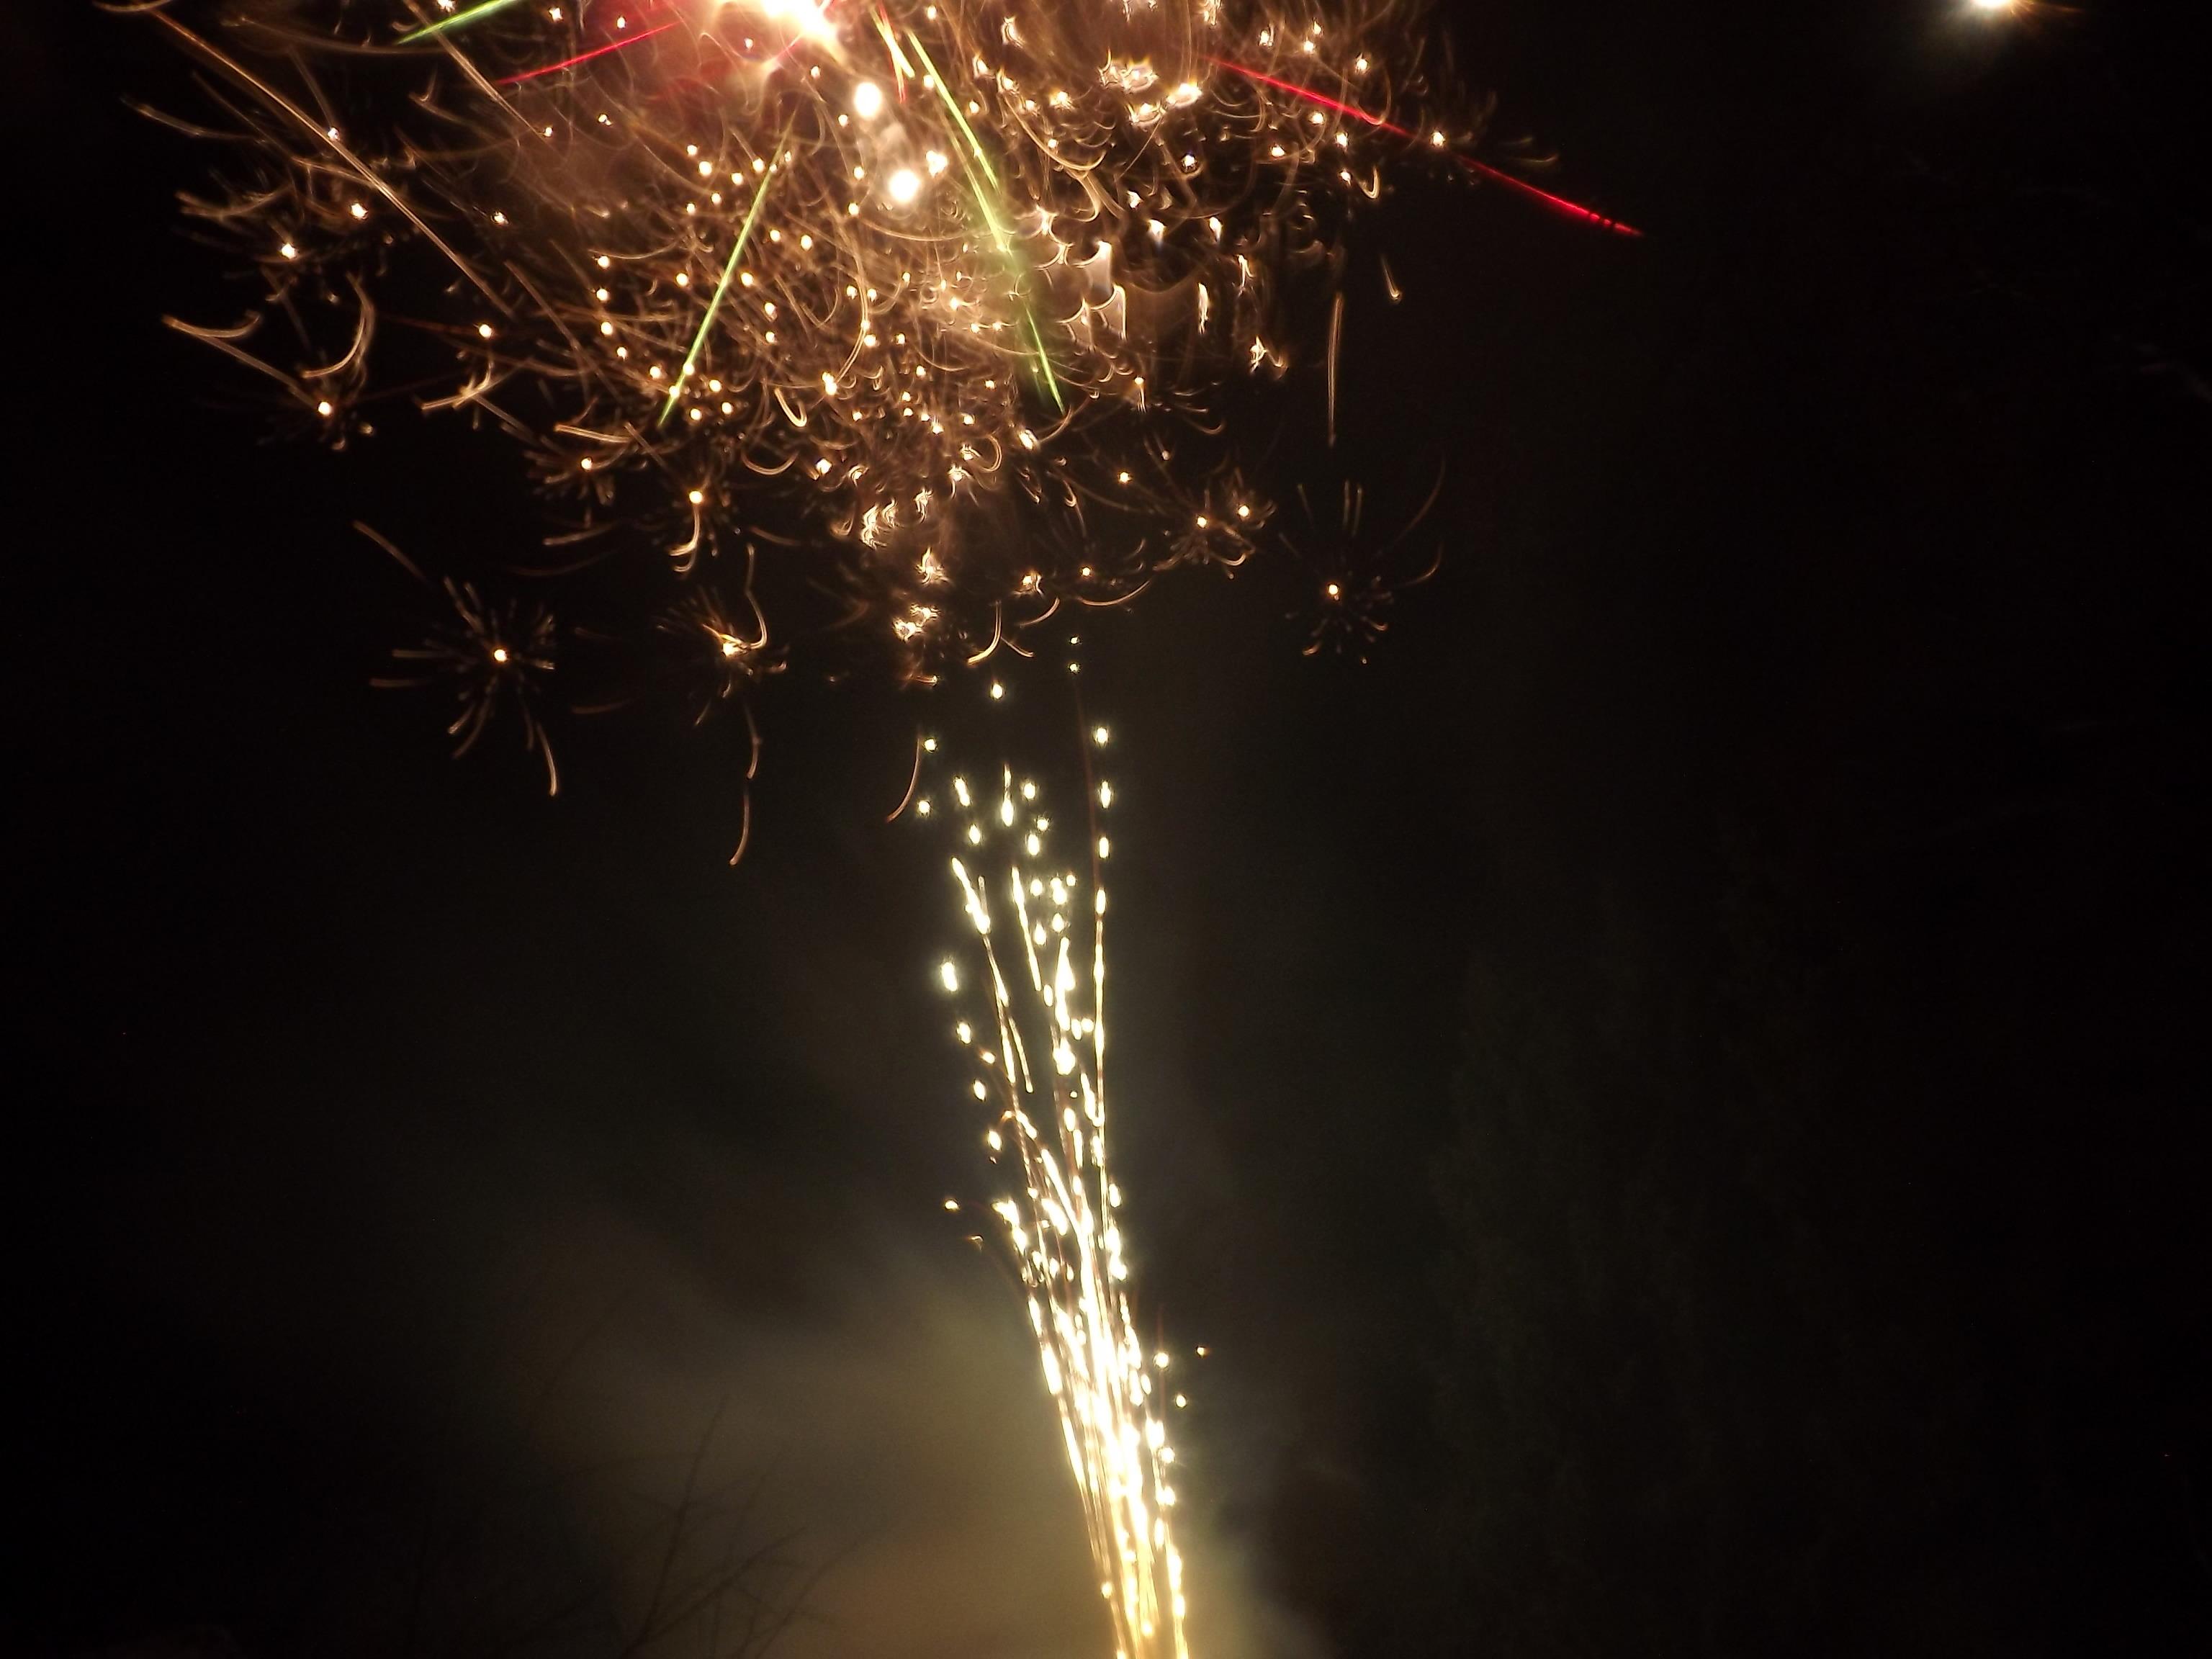 8330-feuerwerk-geknister-explosion